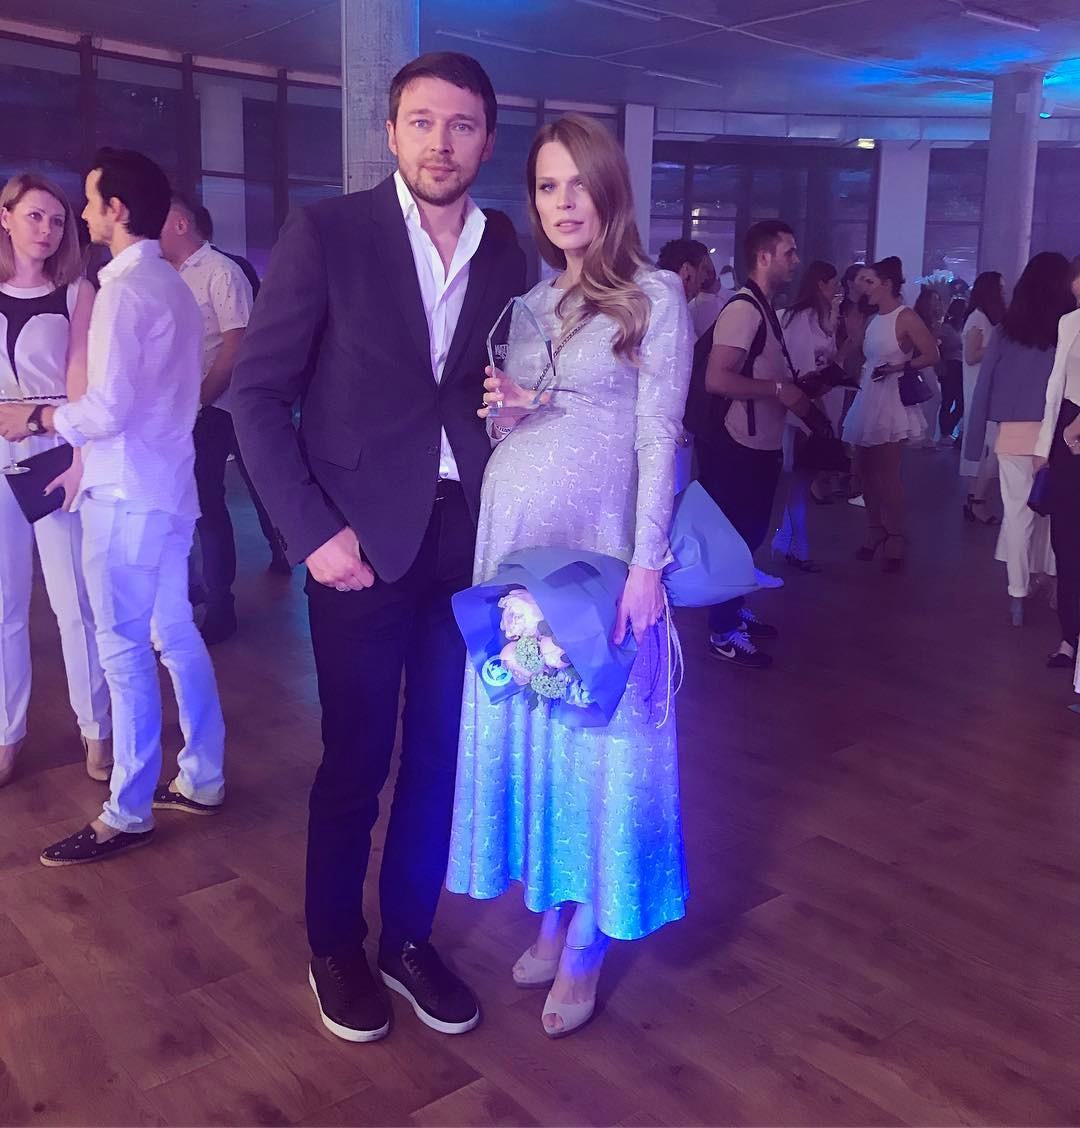 Ольга Фреймут опубликовала первое фото новорожденной дочери Евдокии